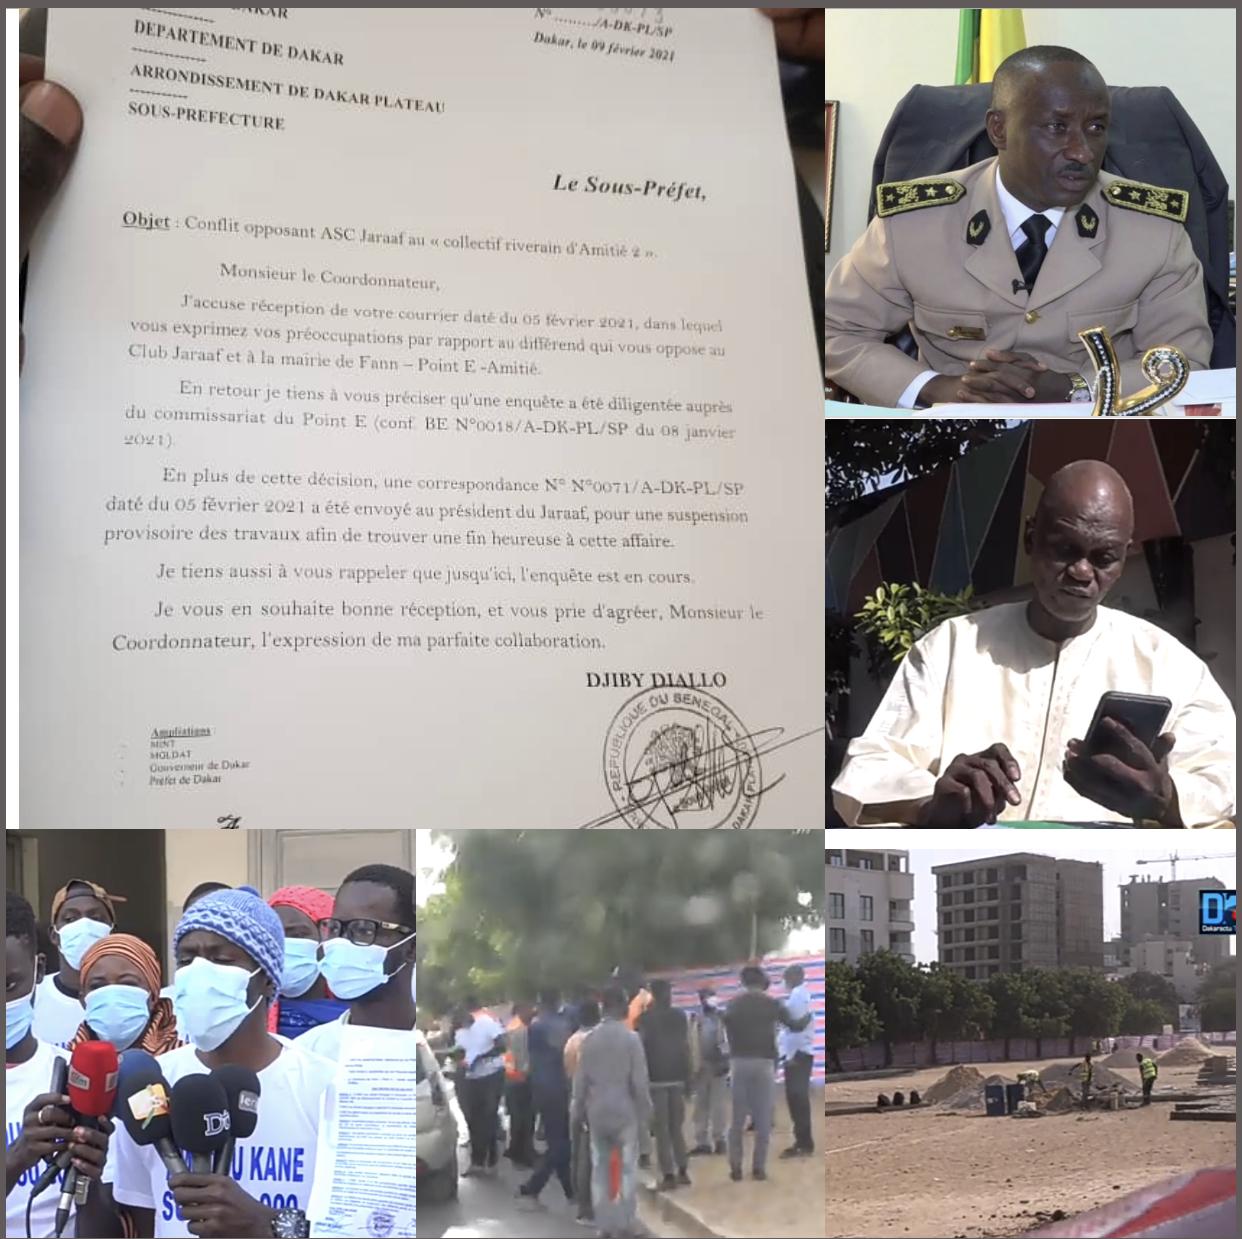 Litige foncier entre l'ASC Jaraaf et le collectif Amitié 2 : Rebondissement dans l'affaire, le chantier provisoirement arrêté, une enquête diligentée par le sous-préfet, Djiby Diallo.